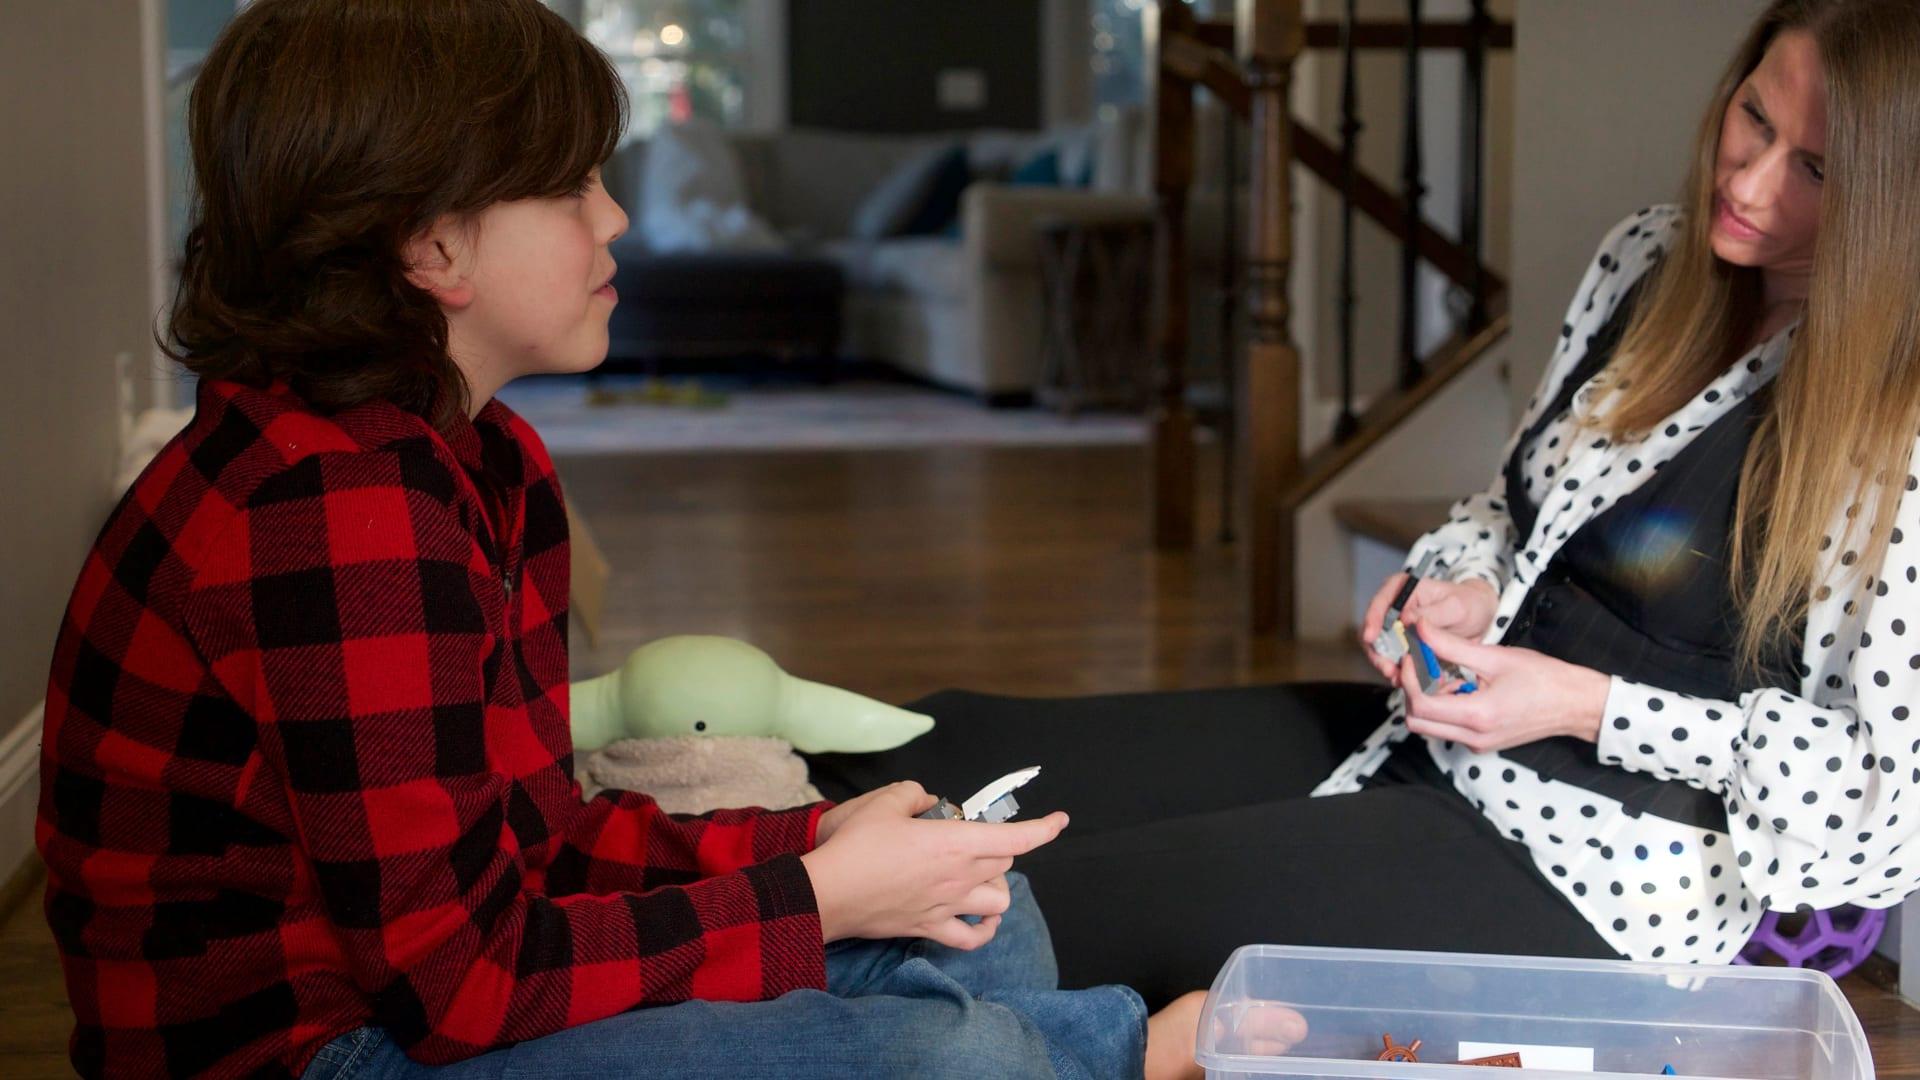 معدلات الاكتئاب والقلق لدى المراهقين تضاعفت وسط كورونا.. كيف يمكن للوالدين مساعدة أطفالهم؟